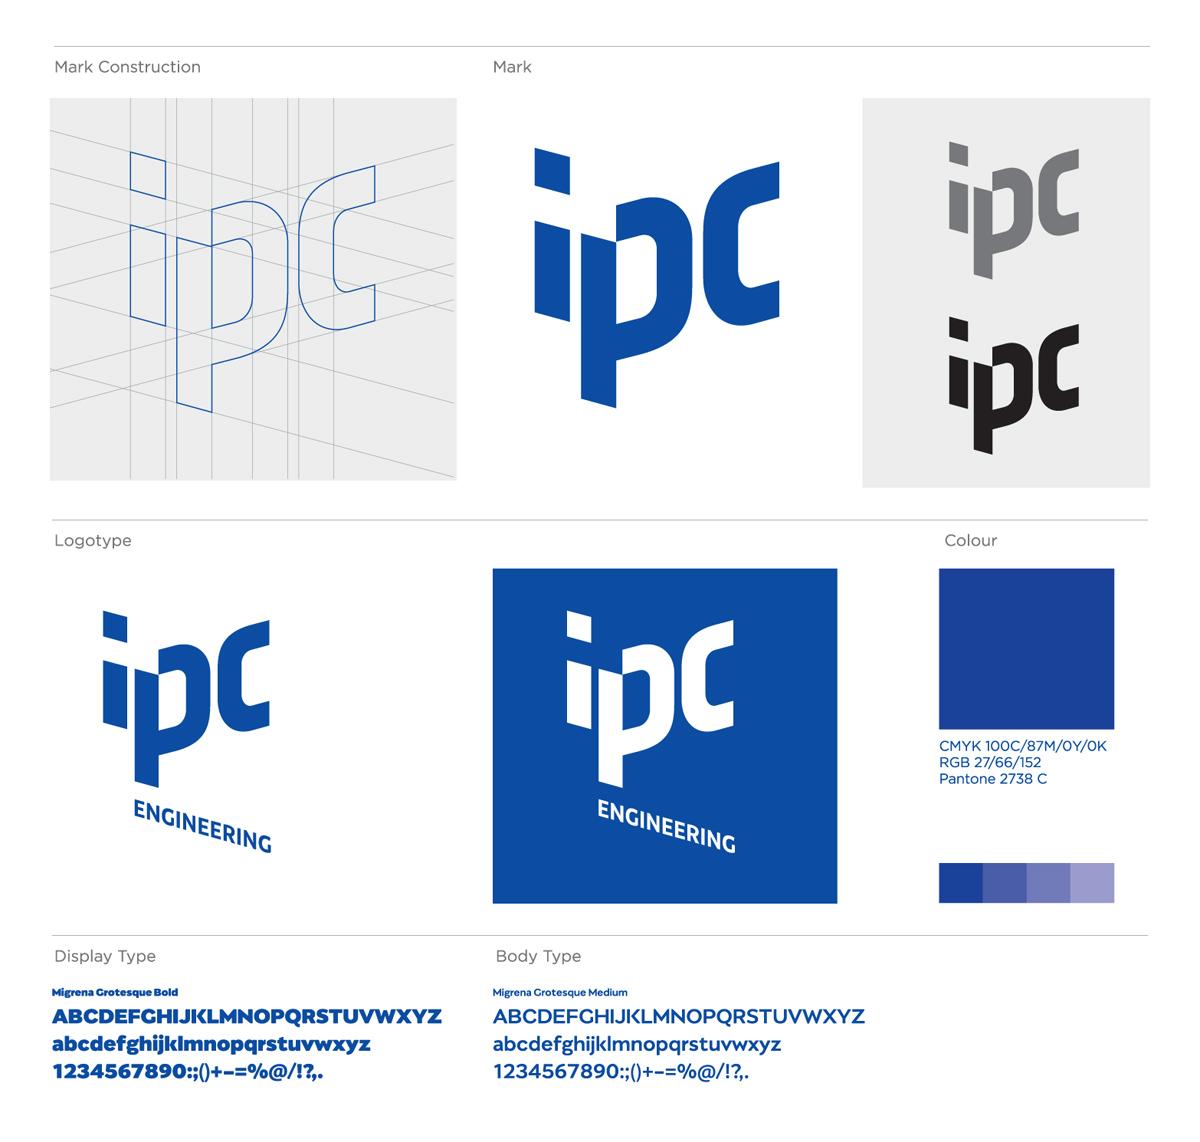 IPC-ID